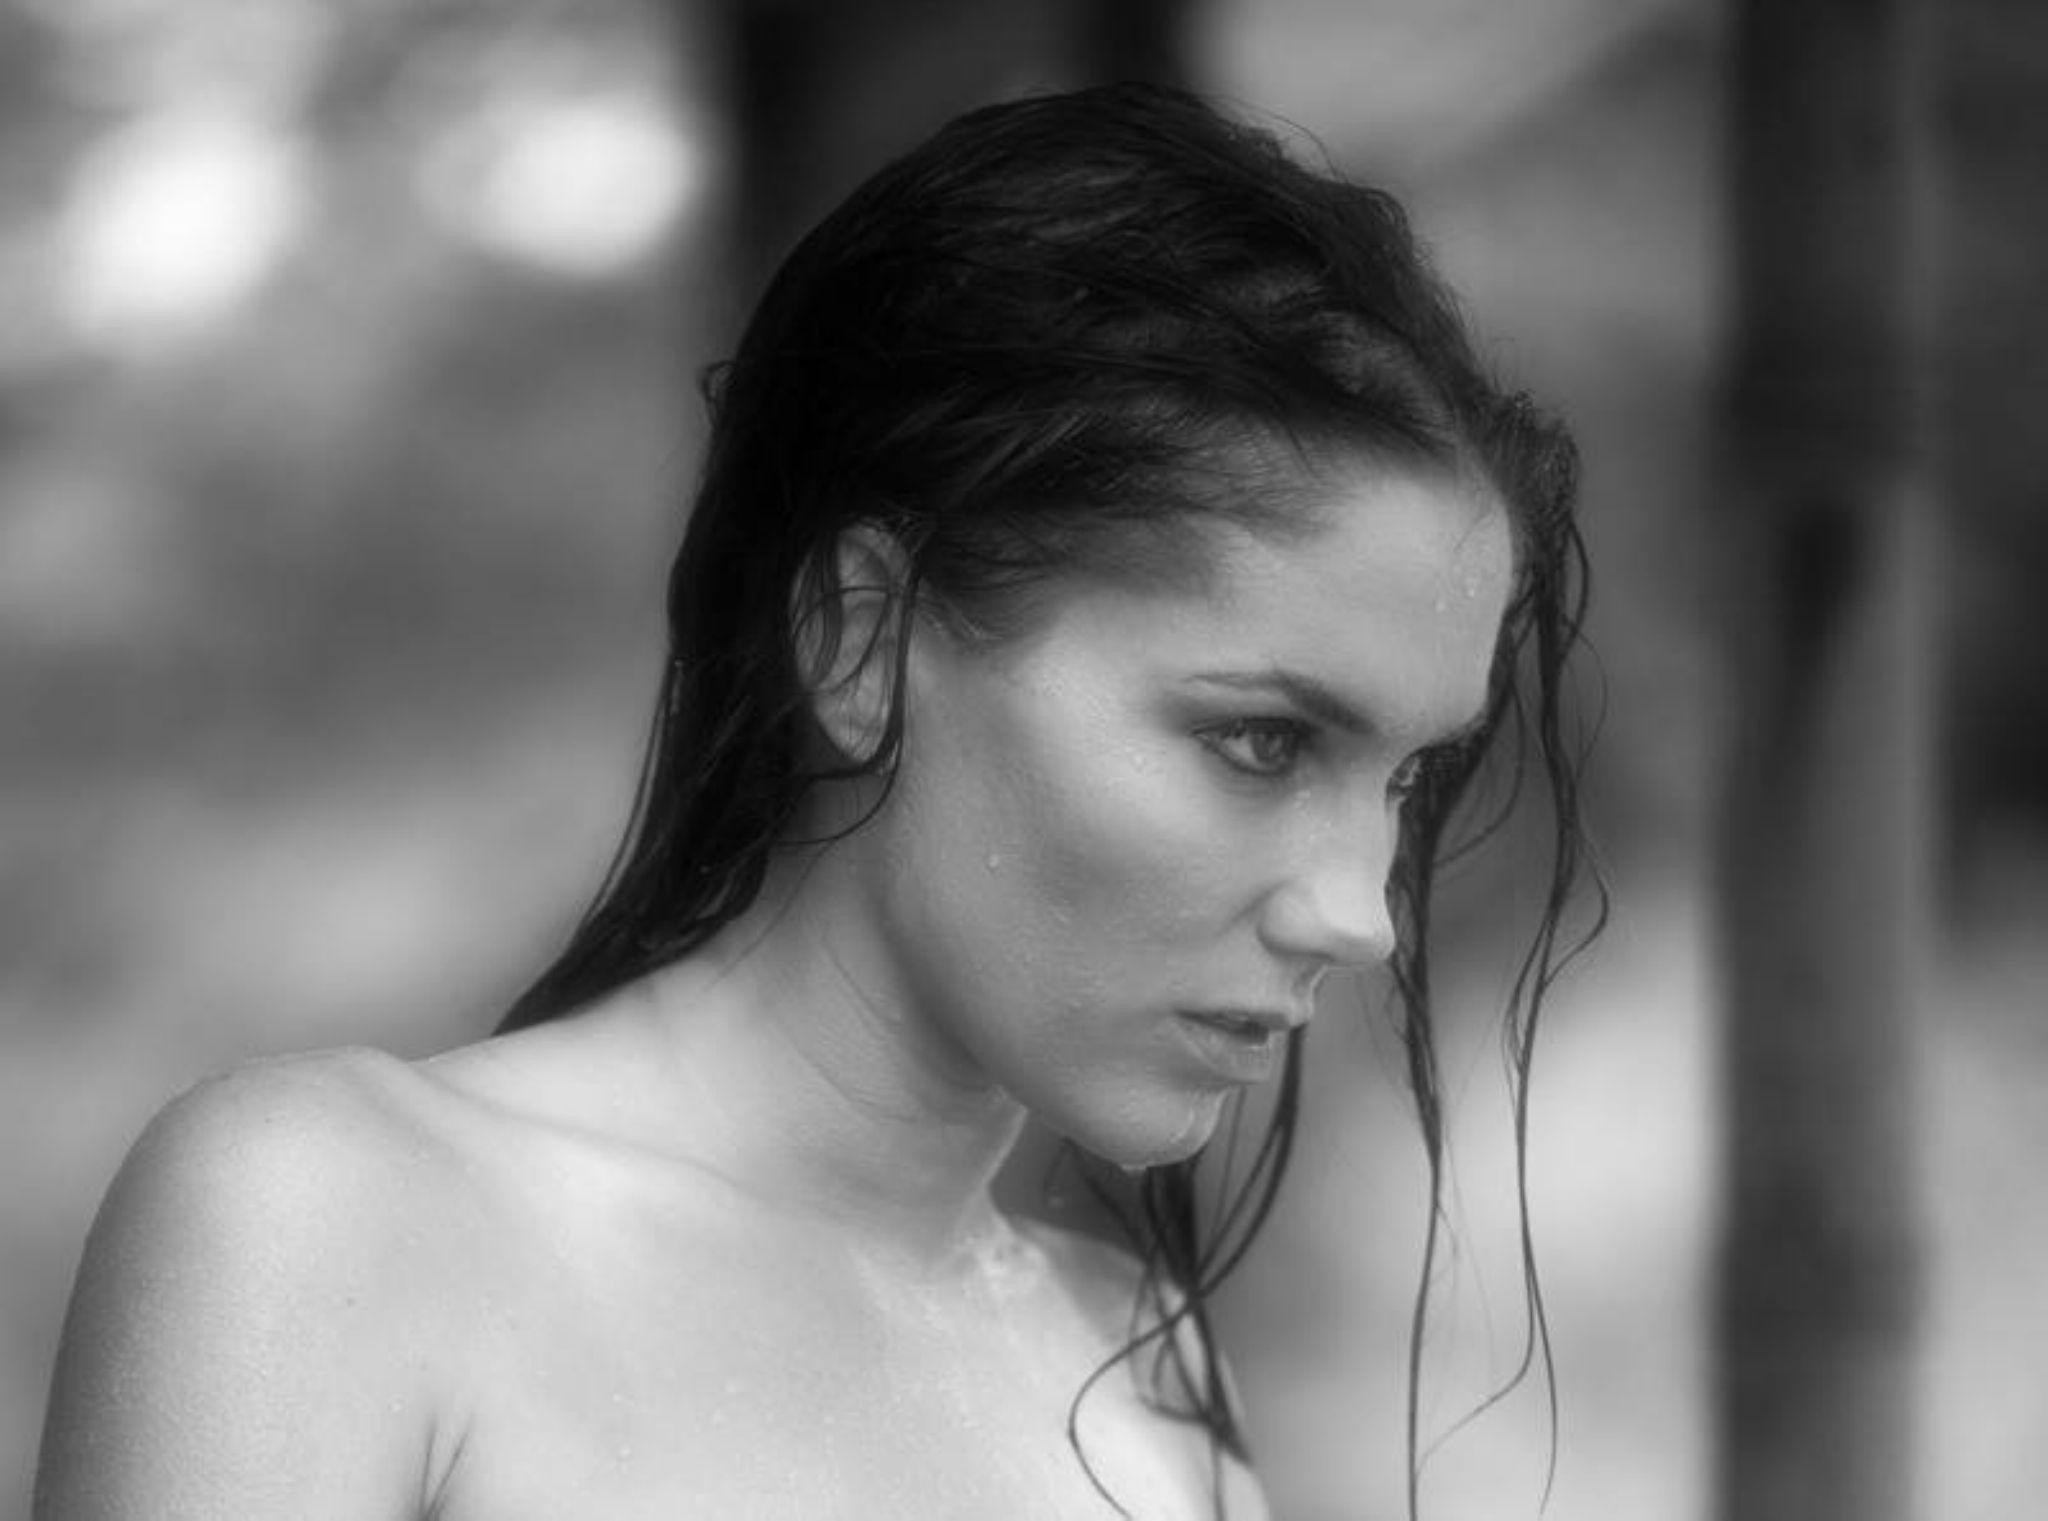 Portia Chellin' by missy.goodrich.5